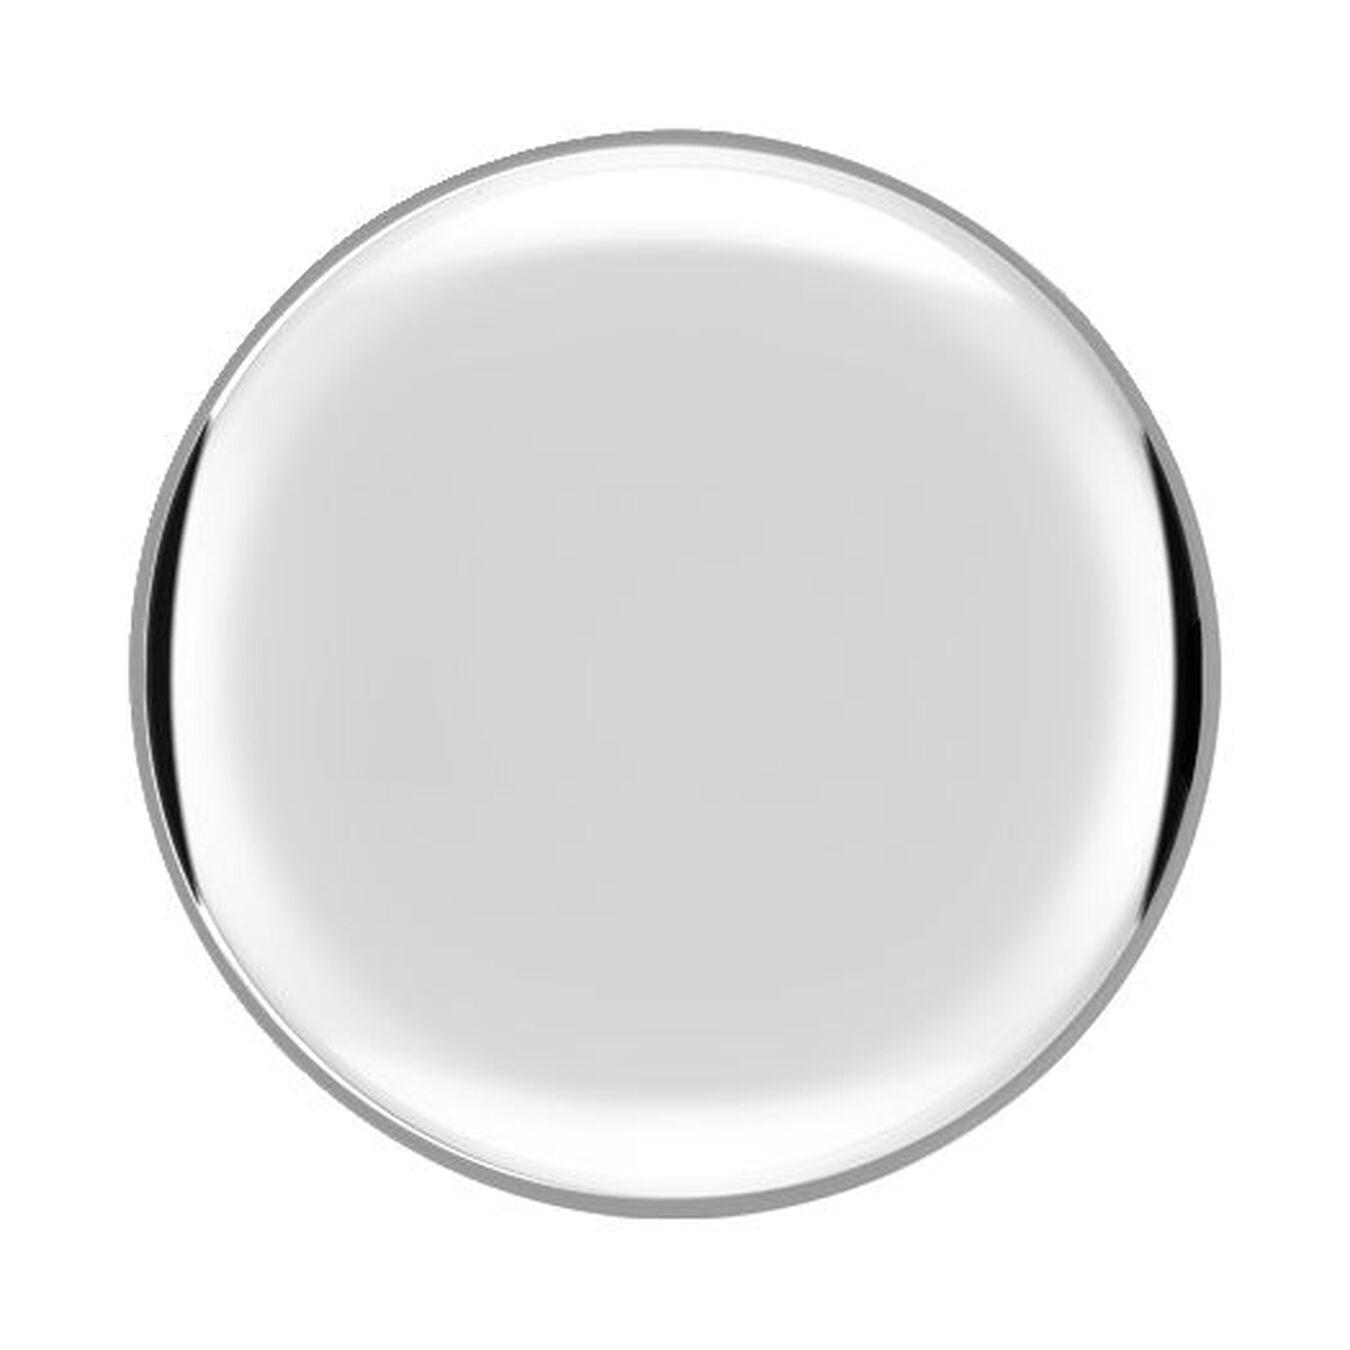 Bouton 4 cm, Nickel,,large 2